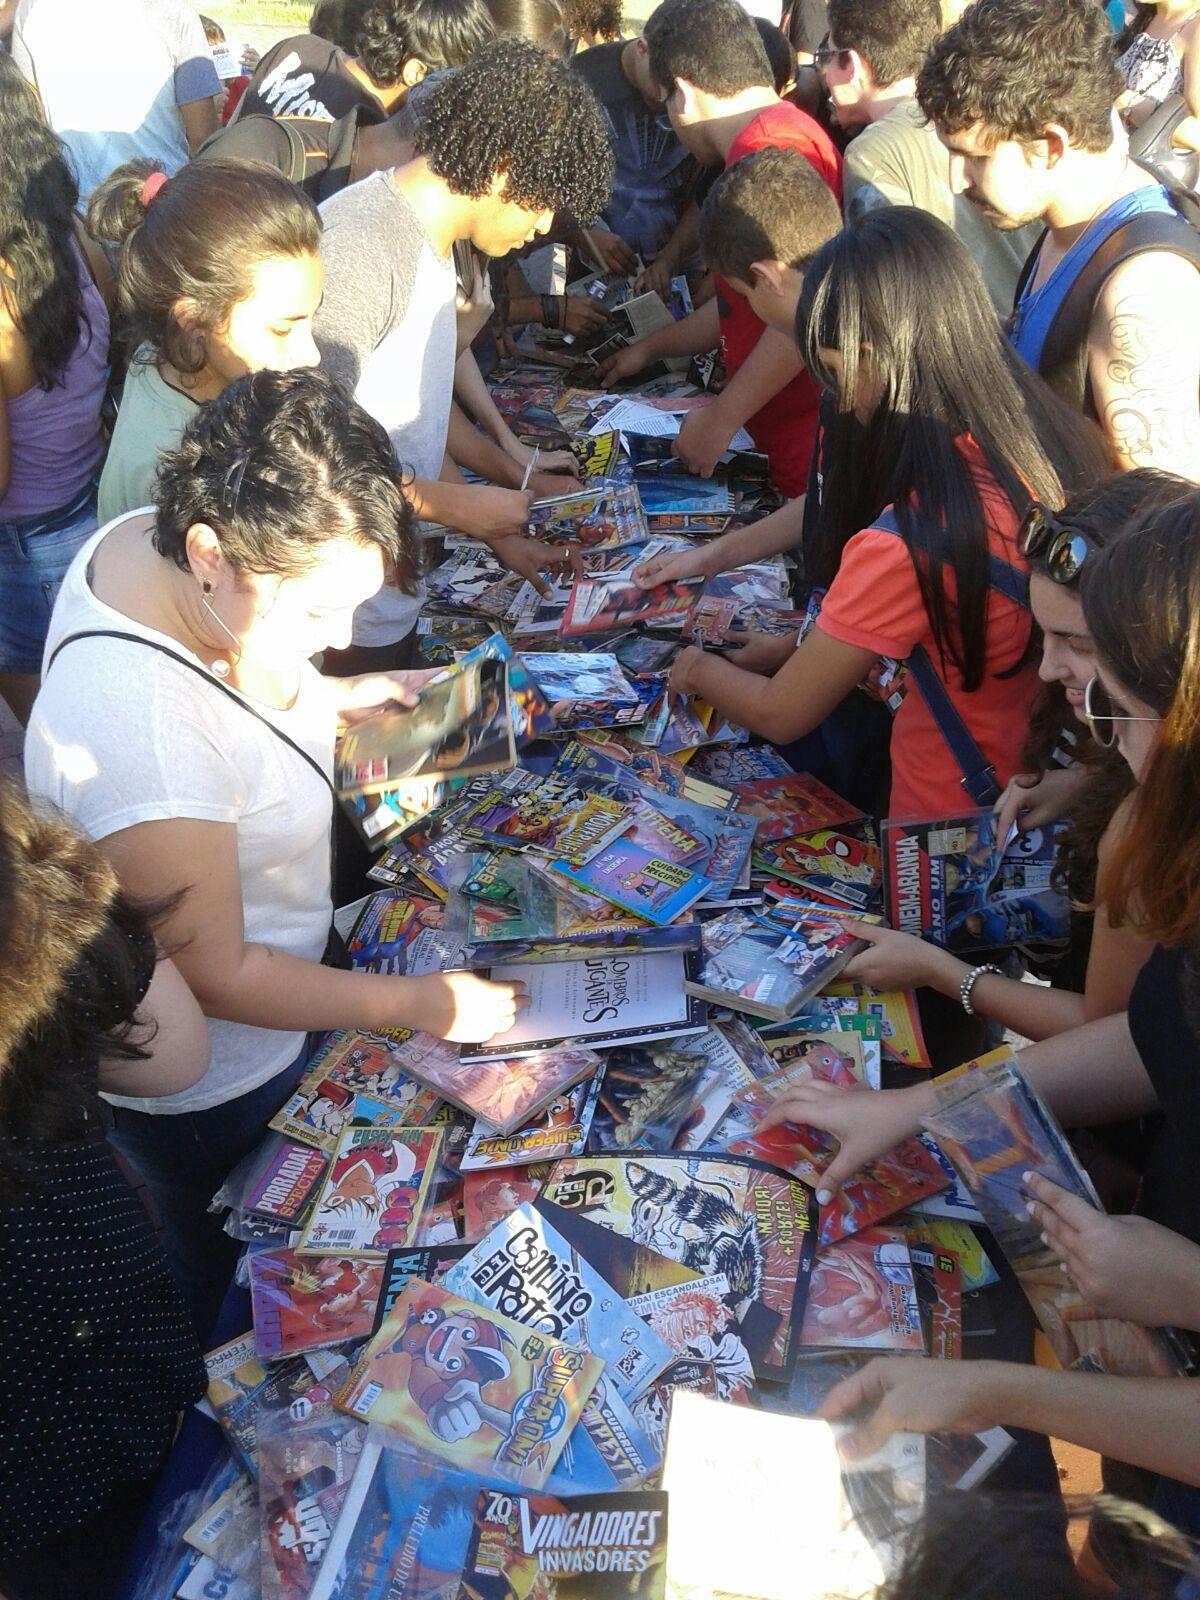 Dezenas escolhendo entre os gibis disponíveis para doação (Foto: Marcelo Costa/Arquivo pessoal)